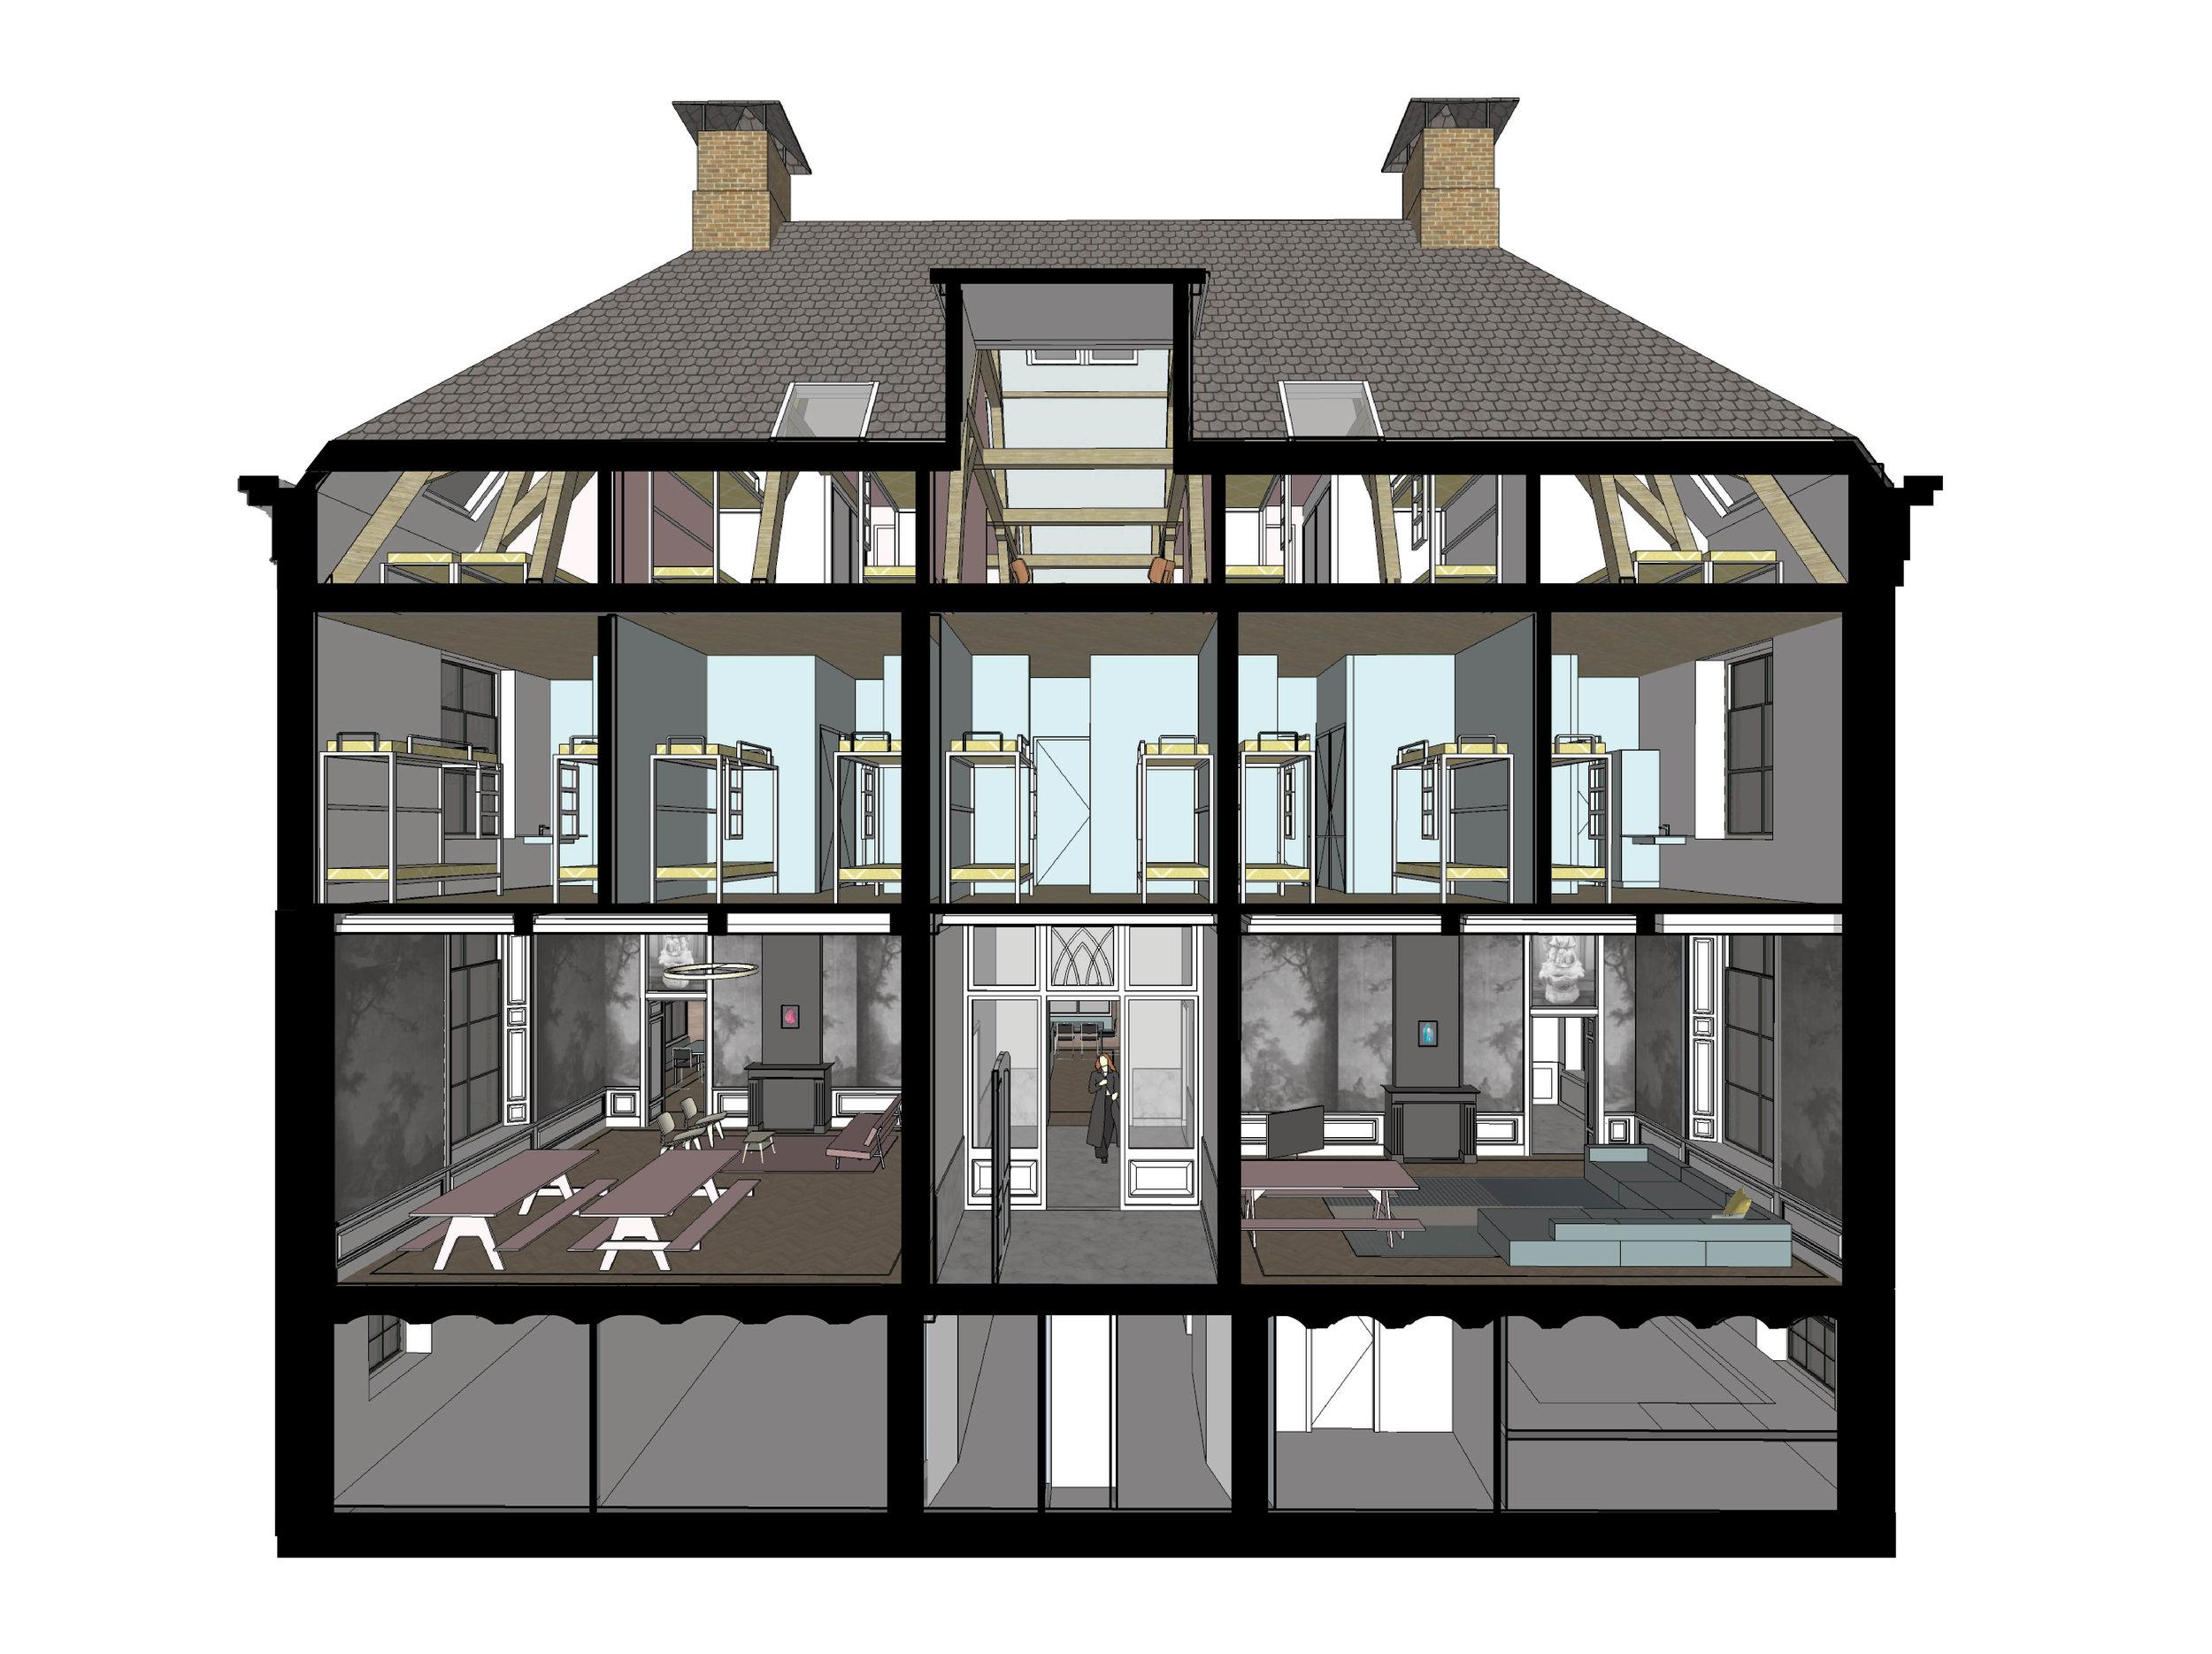 Personal-Architecture-bunnik-stayokay-8.jpg